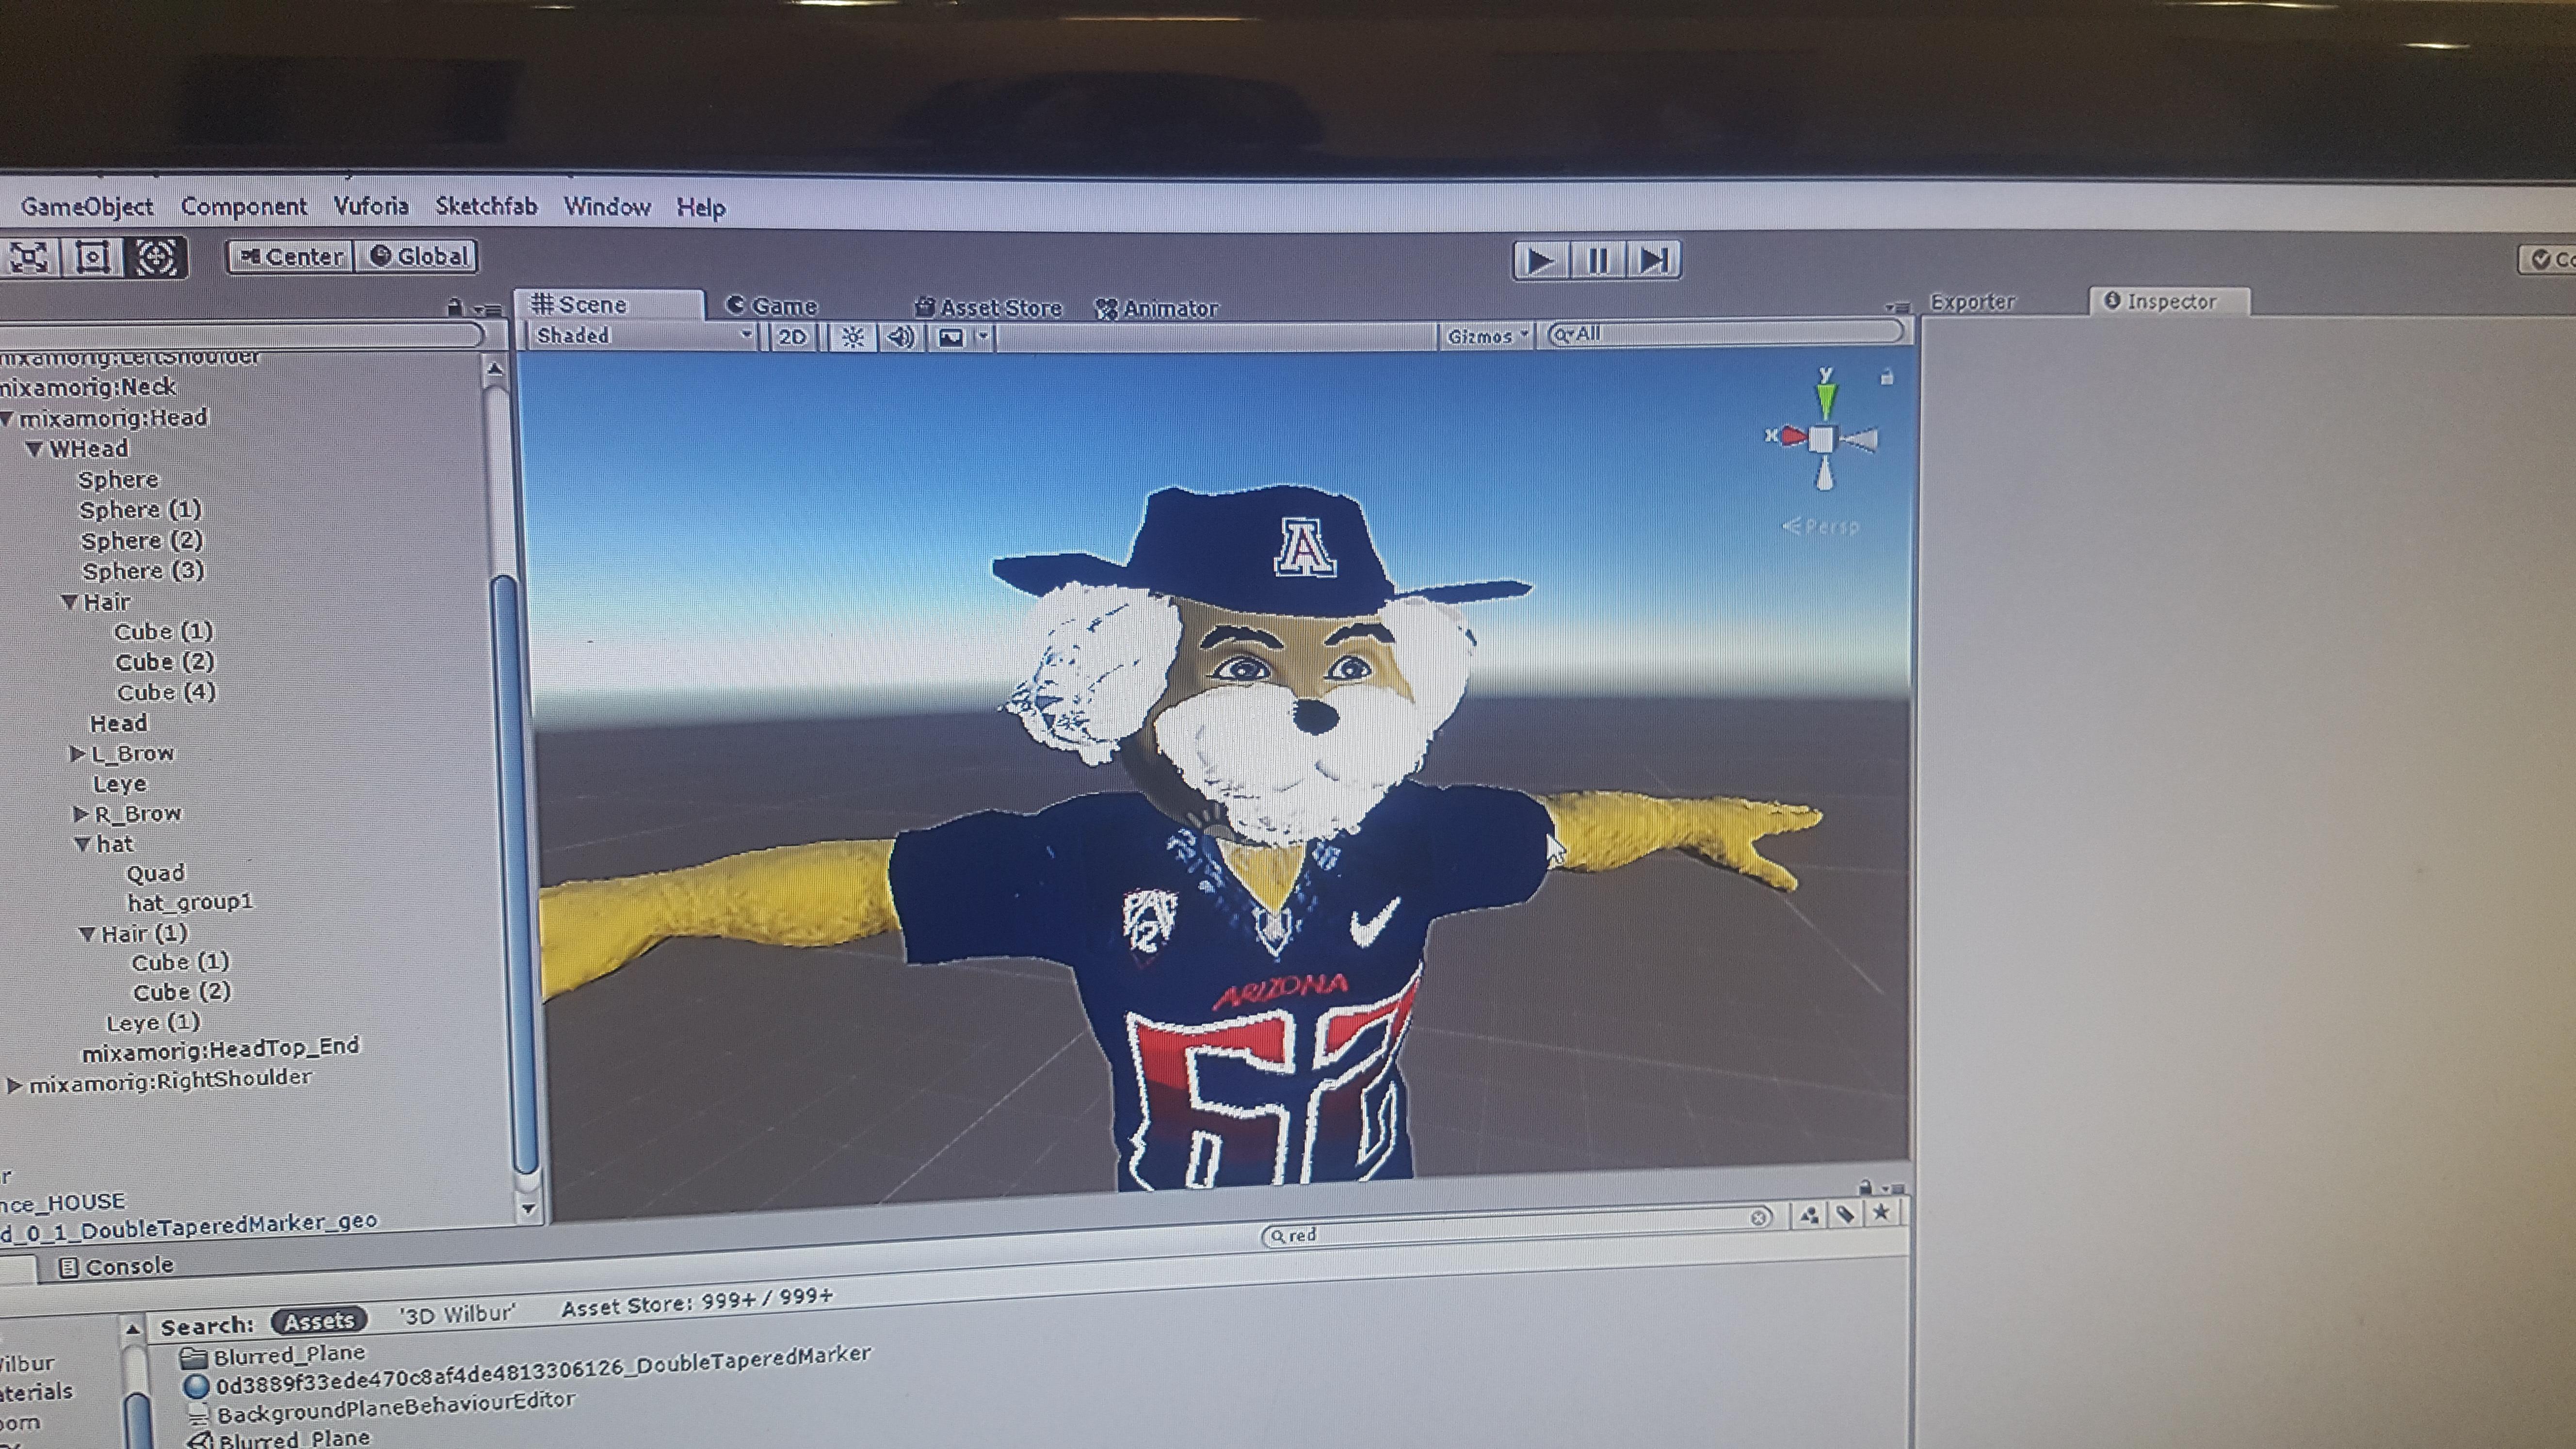 University of Arizona: Homecoming VR